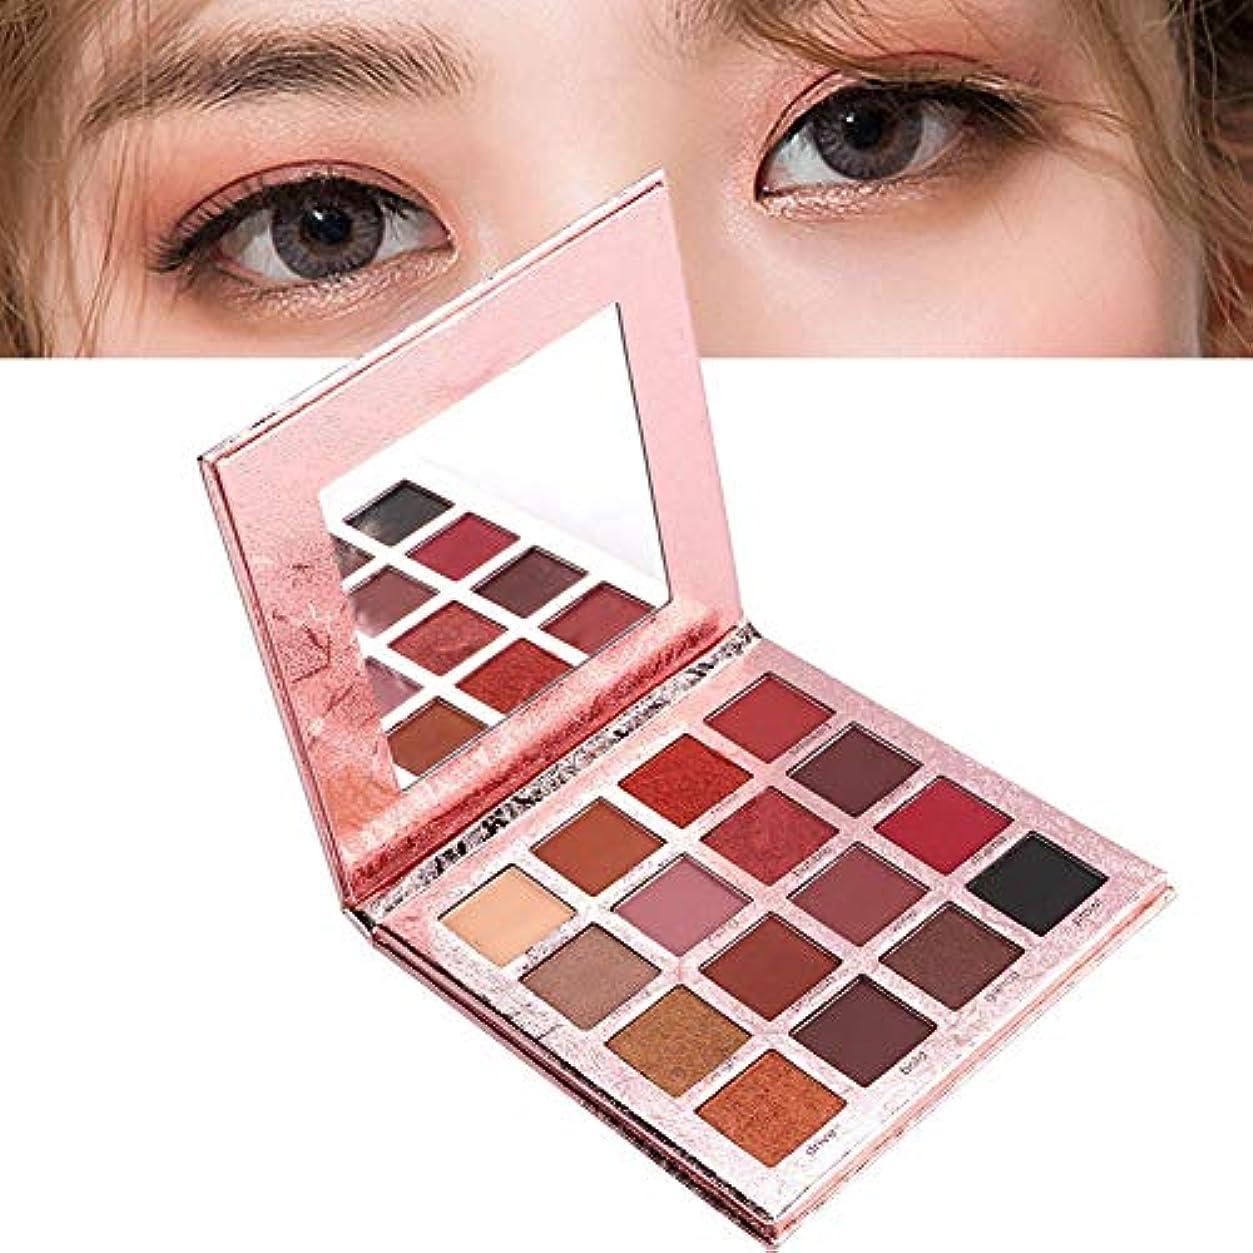 予算非難するペストアイシャドウパレット 16色 化粧マット 化粧品ツール グロス アイシャドウパウダー